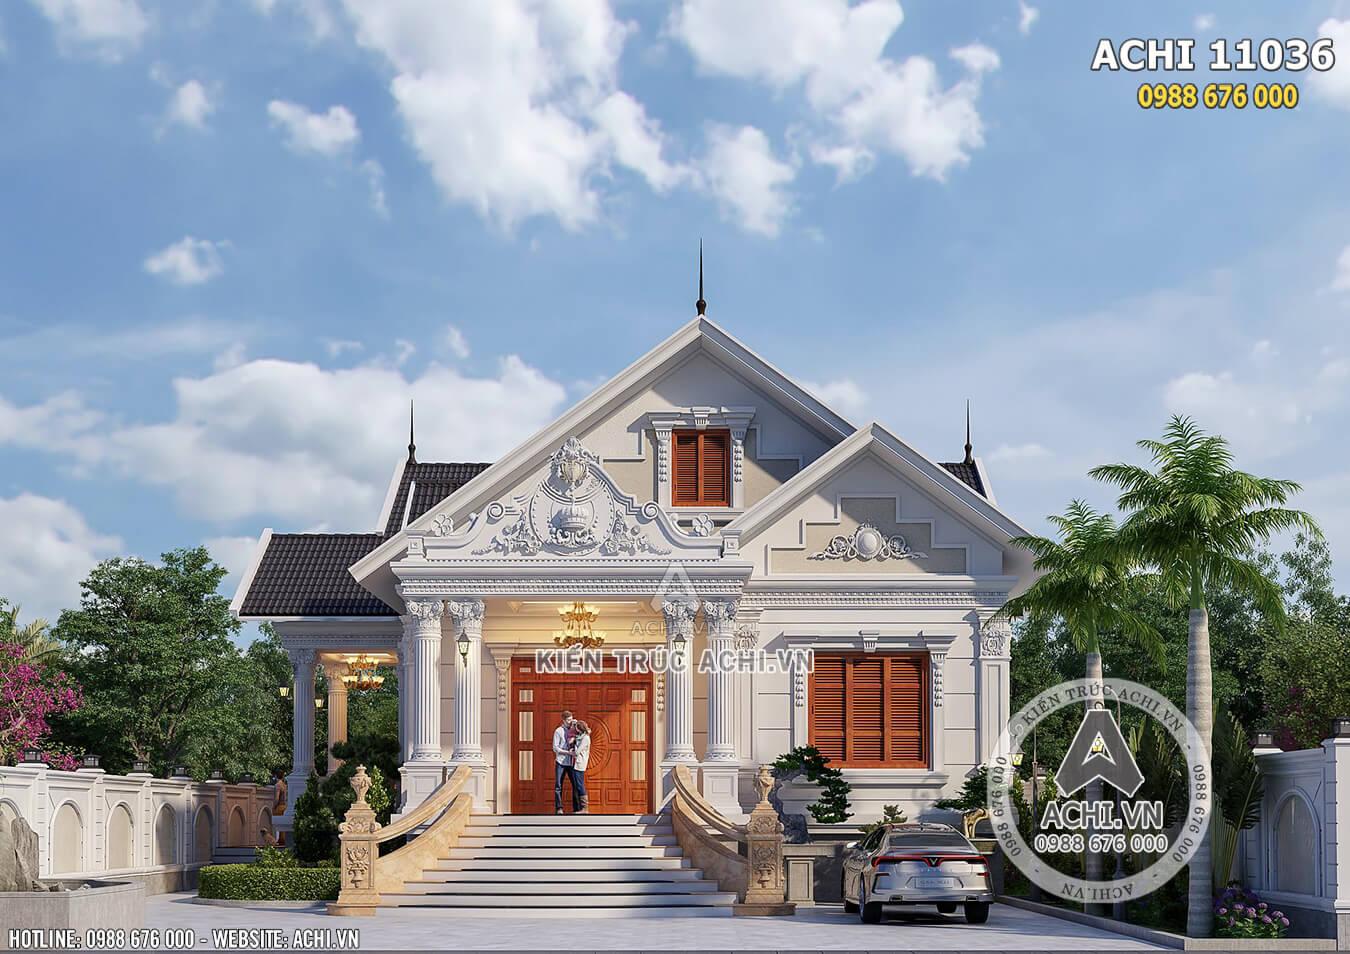 Phối cảnh 3D mặt tiền đẹp đến từng chi tiết nhỏ của mẫu biệt thự 1 tầng tân cổ điển